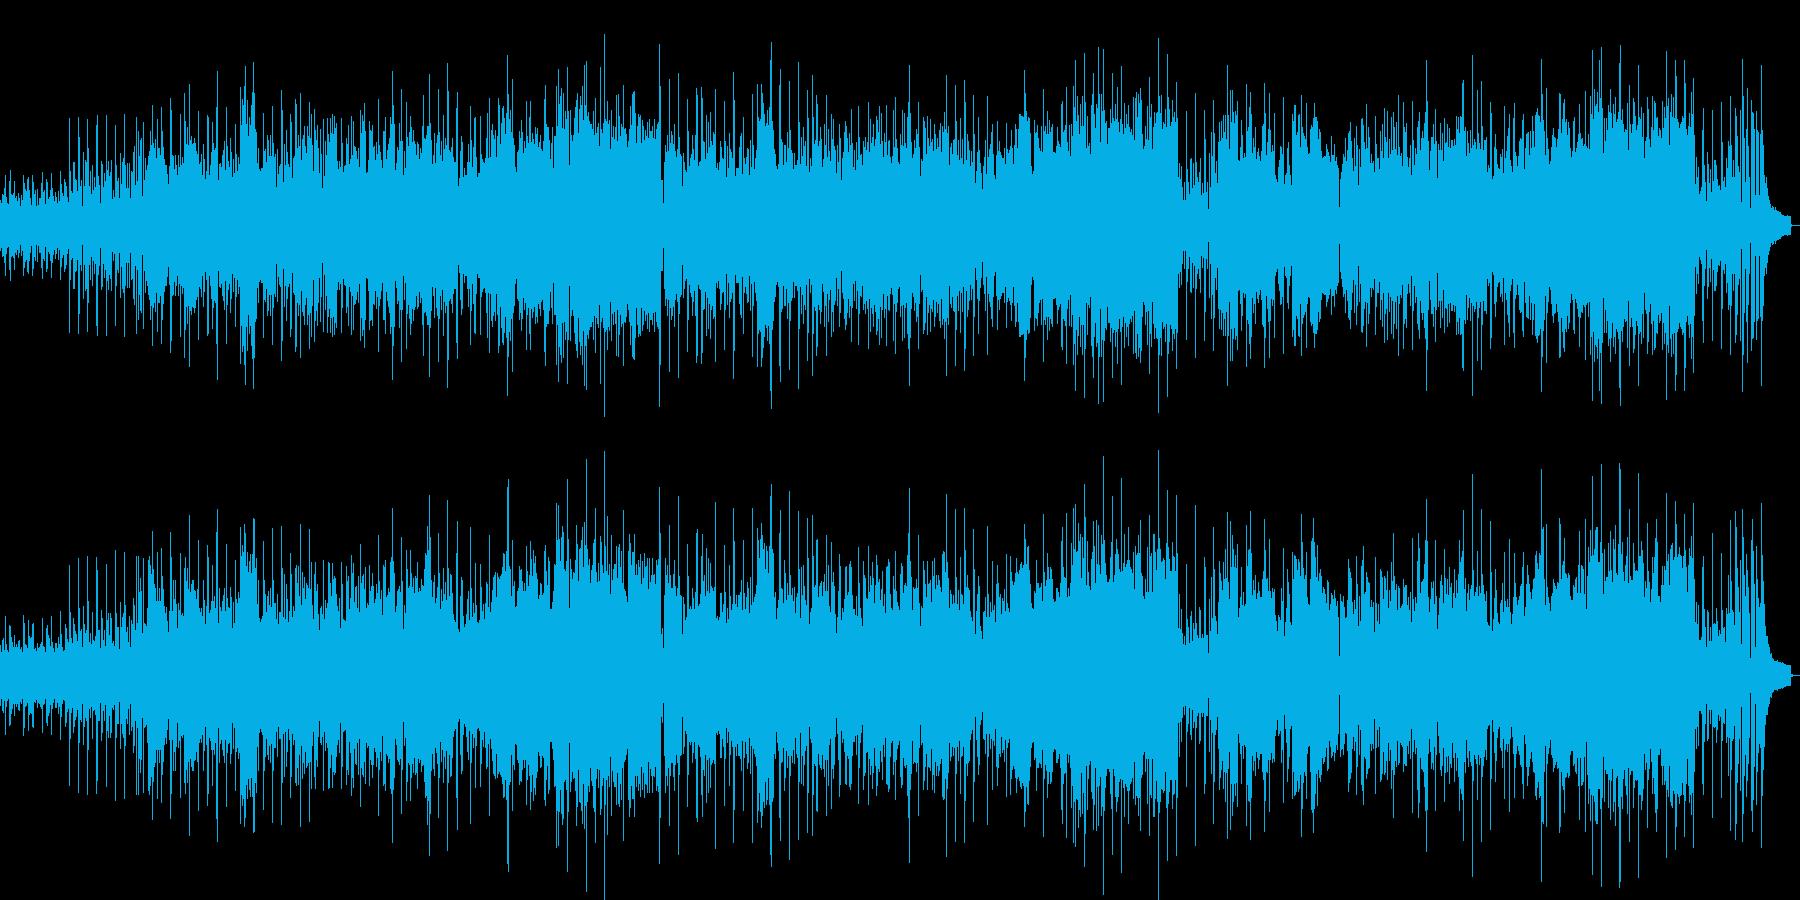 控えめな雰囲気のメロディアスな楽曲の再生済みの波形